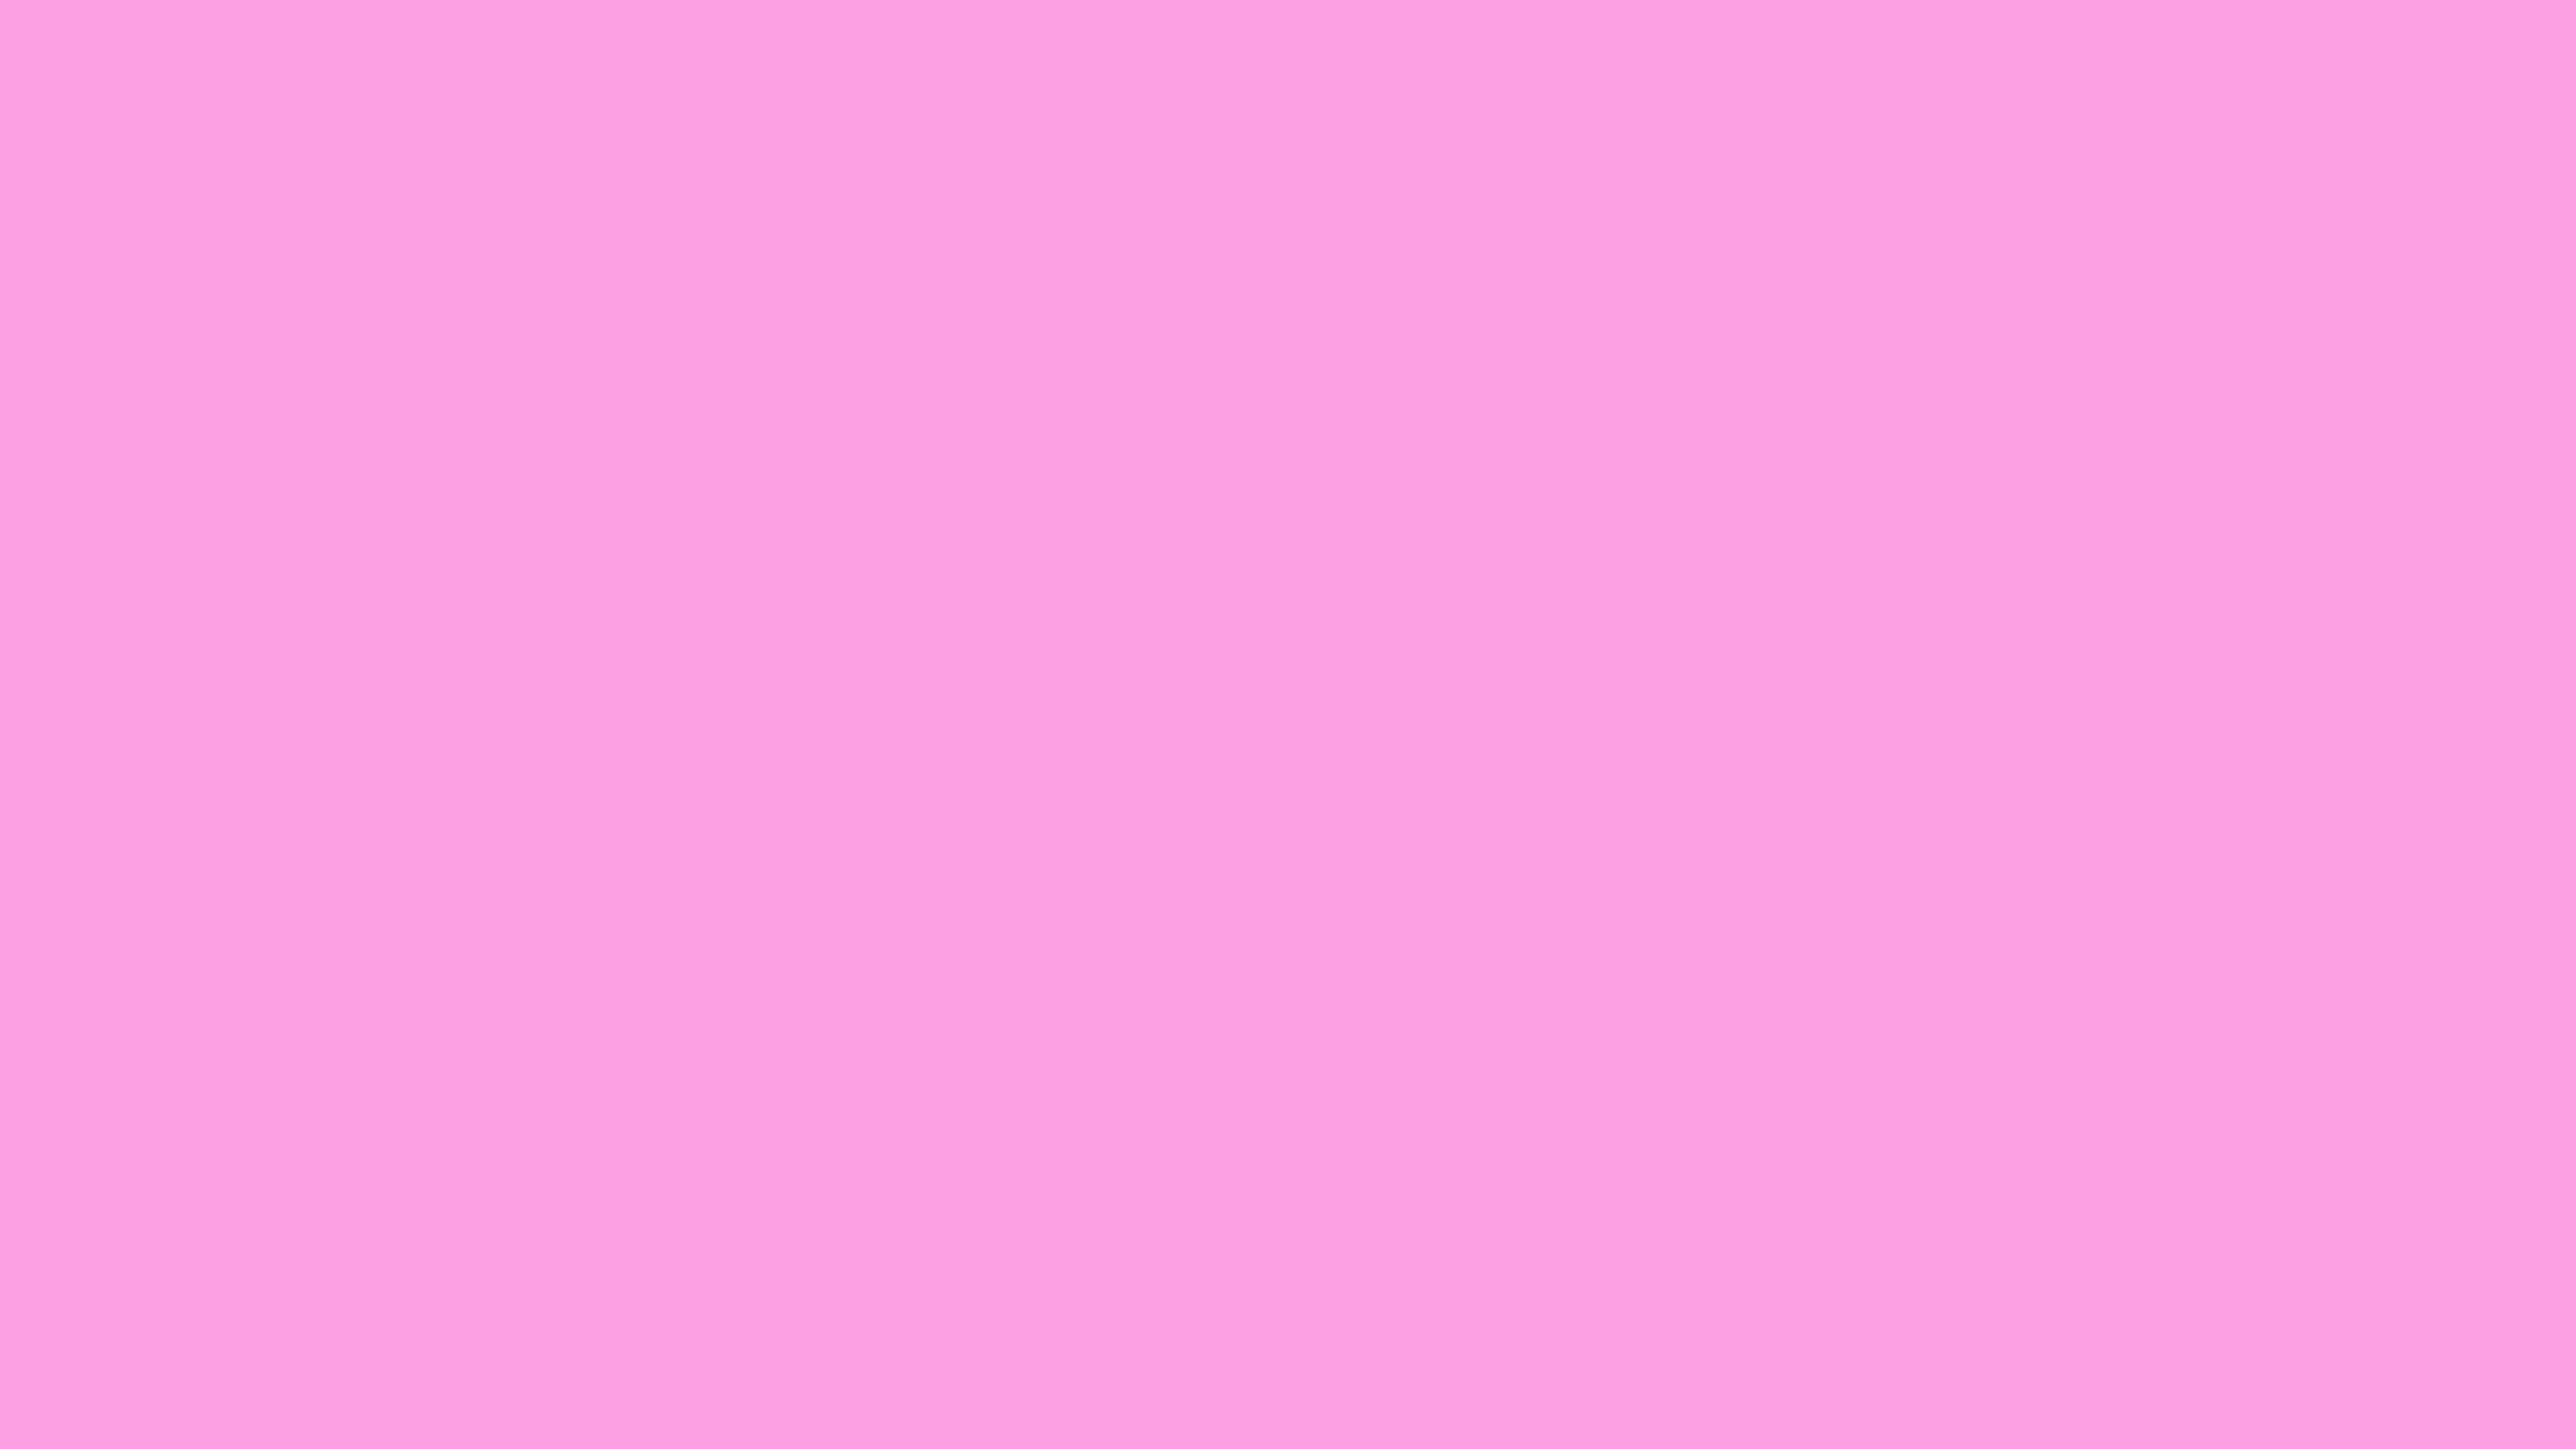 4096x2304 Lavender Rose Solid Color Background